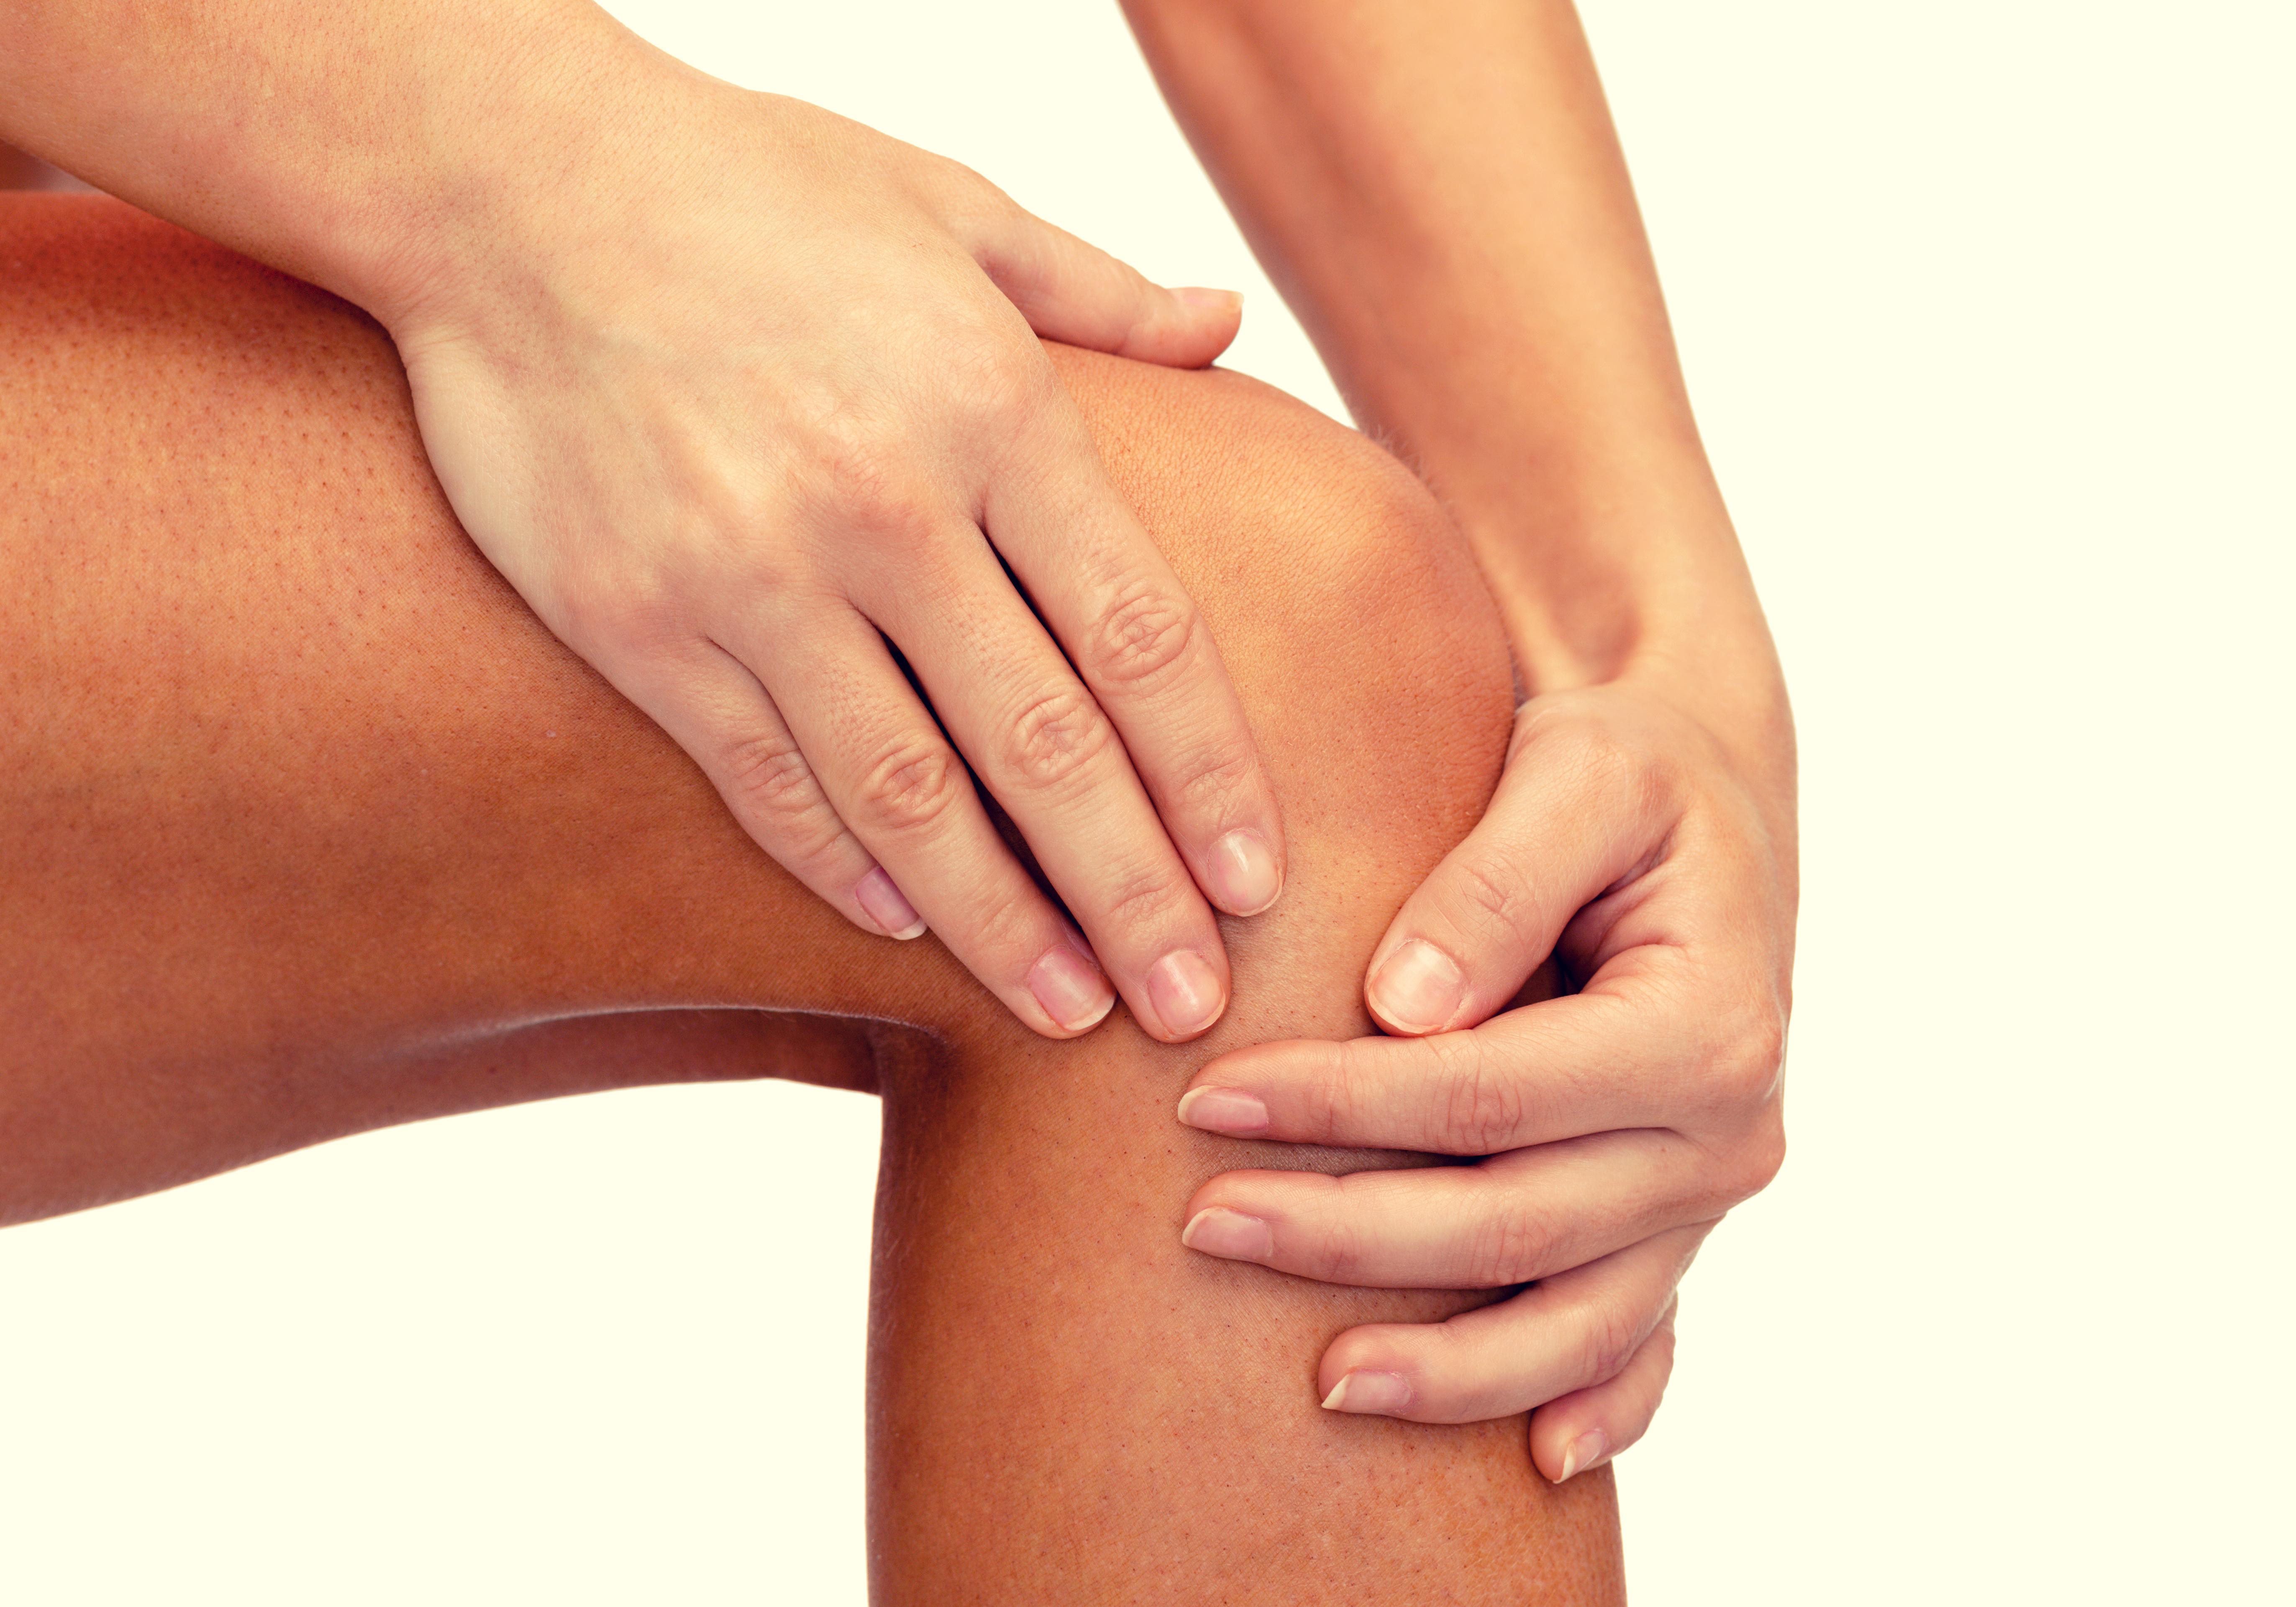 reißender schmerz im bein